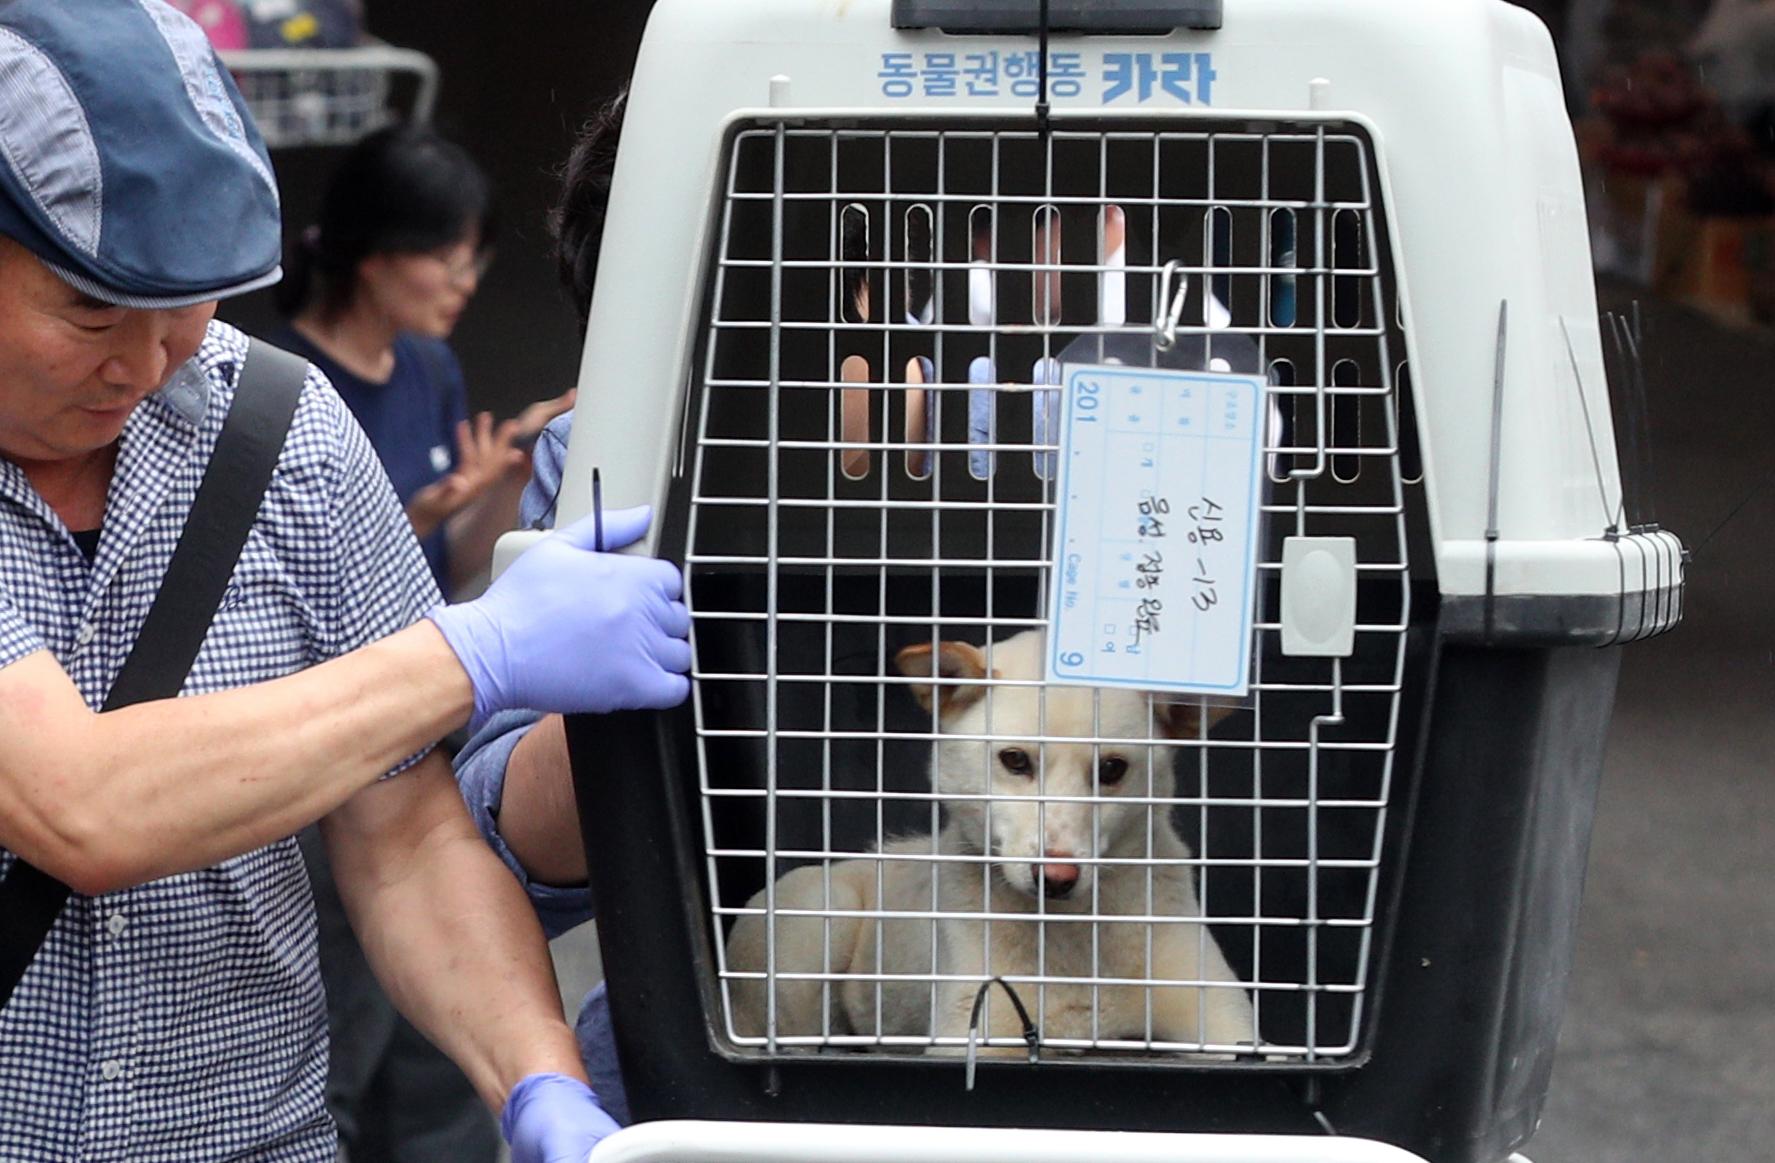 1일 오후 부산 북구 구포시장 내 가축시장(개시장)에서 동물보호단체들이 개들을 구조하고 있다. 어디로 가는지를 아직 실감못한 반려동물의 눈빛엔 두려움이 가득하다. [연합뉴스]